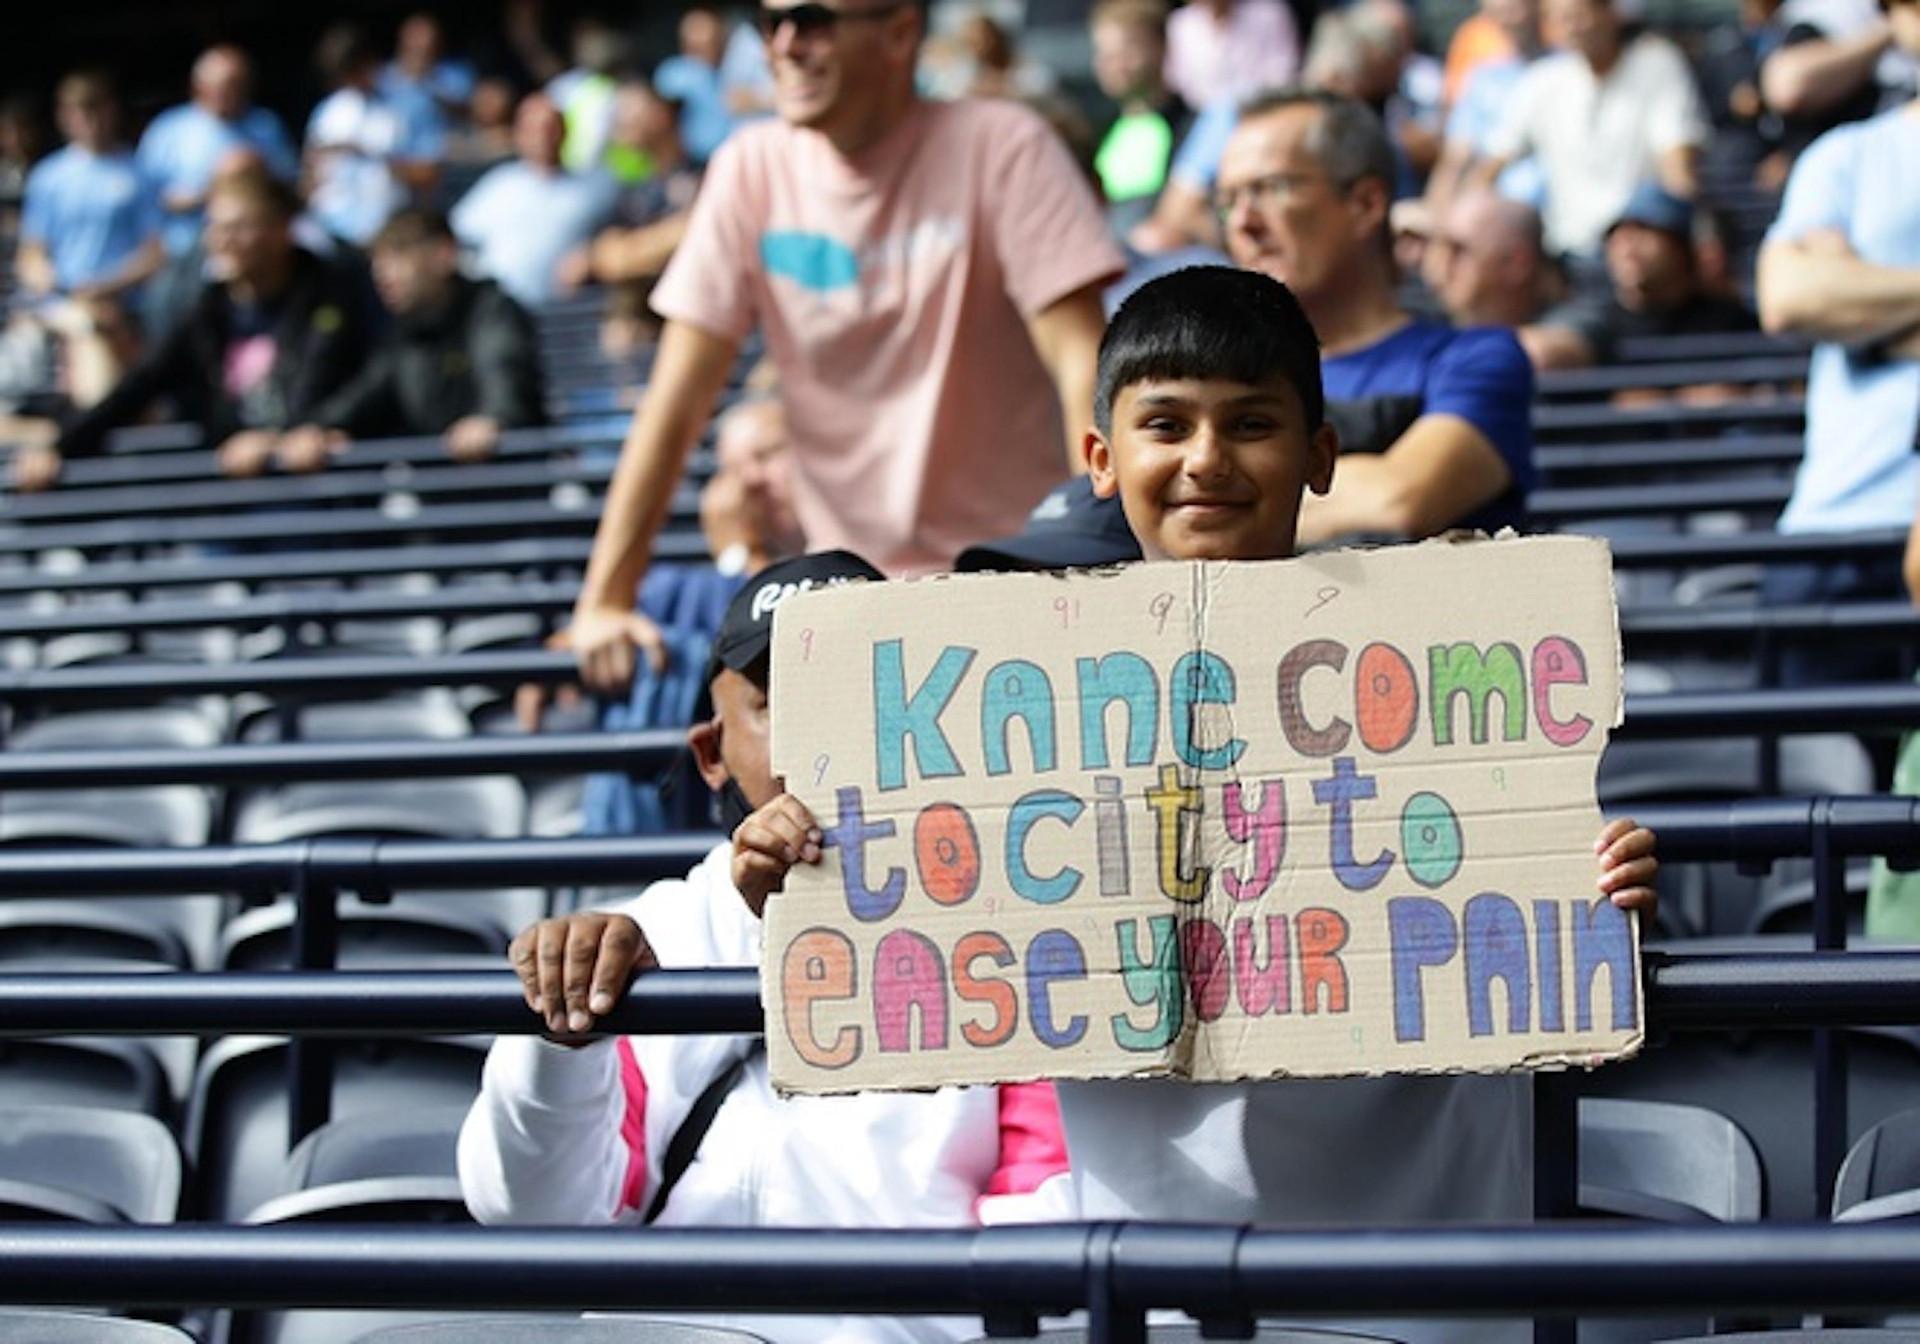 Kane trách Chủ tịch Levy thất hứa, quyết tâm rời Tottenham - 3